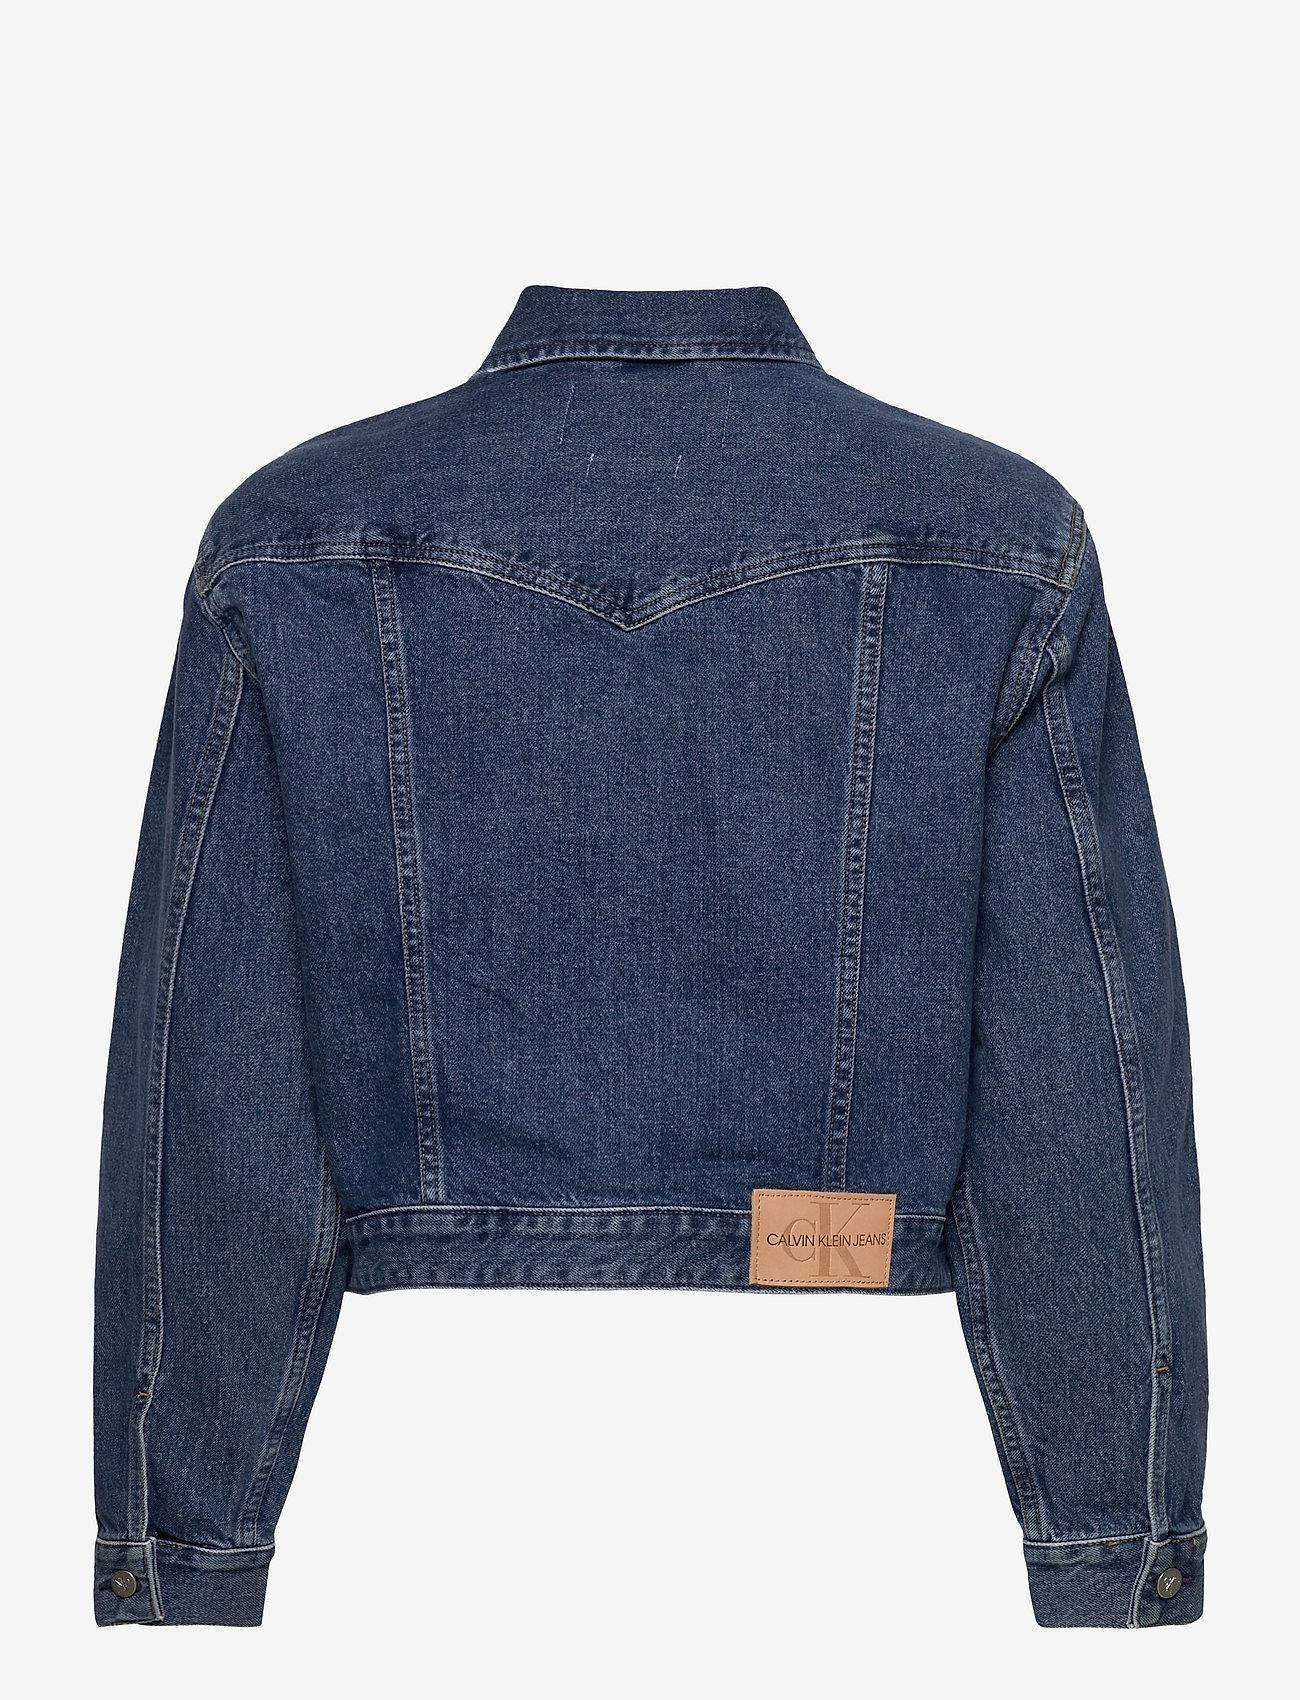 Calvin Klein Jeans - CROPPED FOUNDATION DENIM JACKET - jeansjakker - bb187 - icn mid blue zip - 1